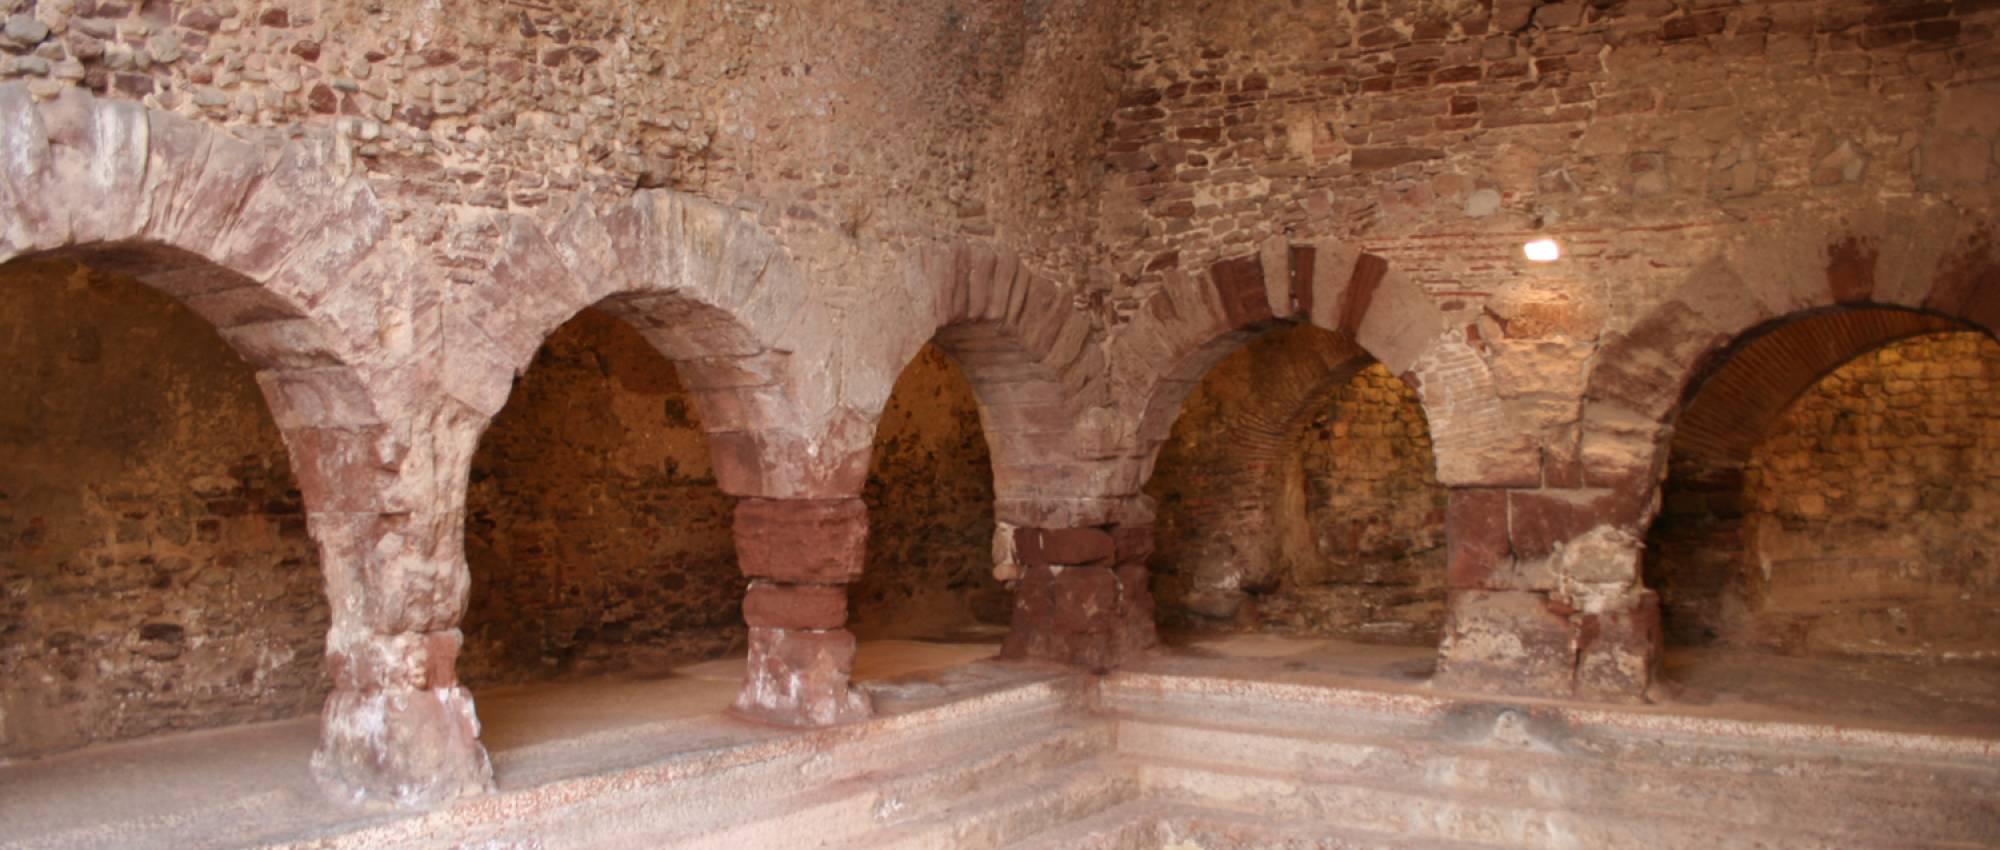 Termes romanes de Caldes de Montbui. CC BY-SA 3.0 - Wikimedia Commons